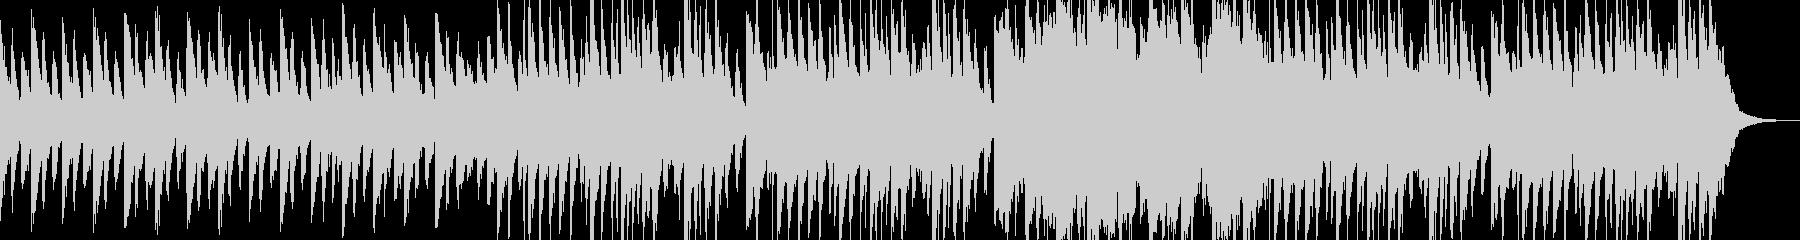 大きなバスドラム、チューバ、アコー...の未再生の波形